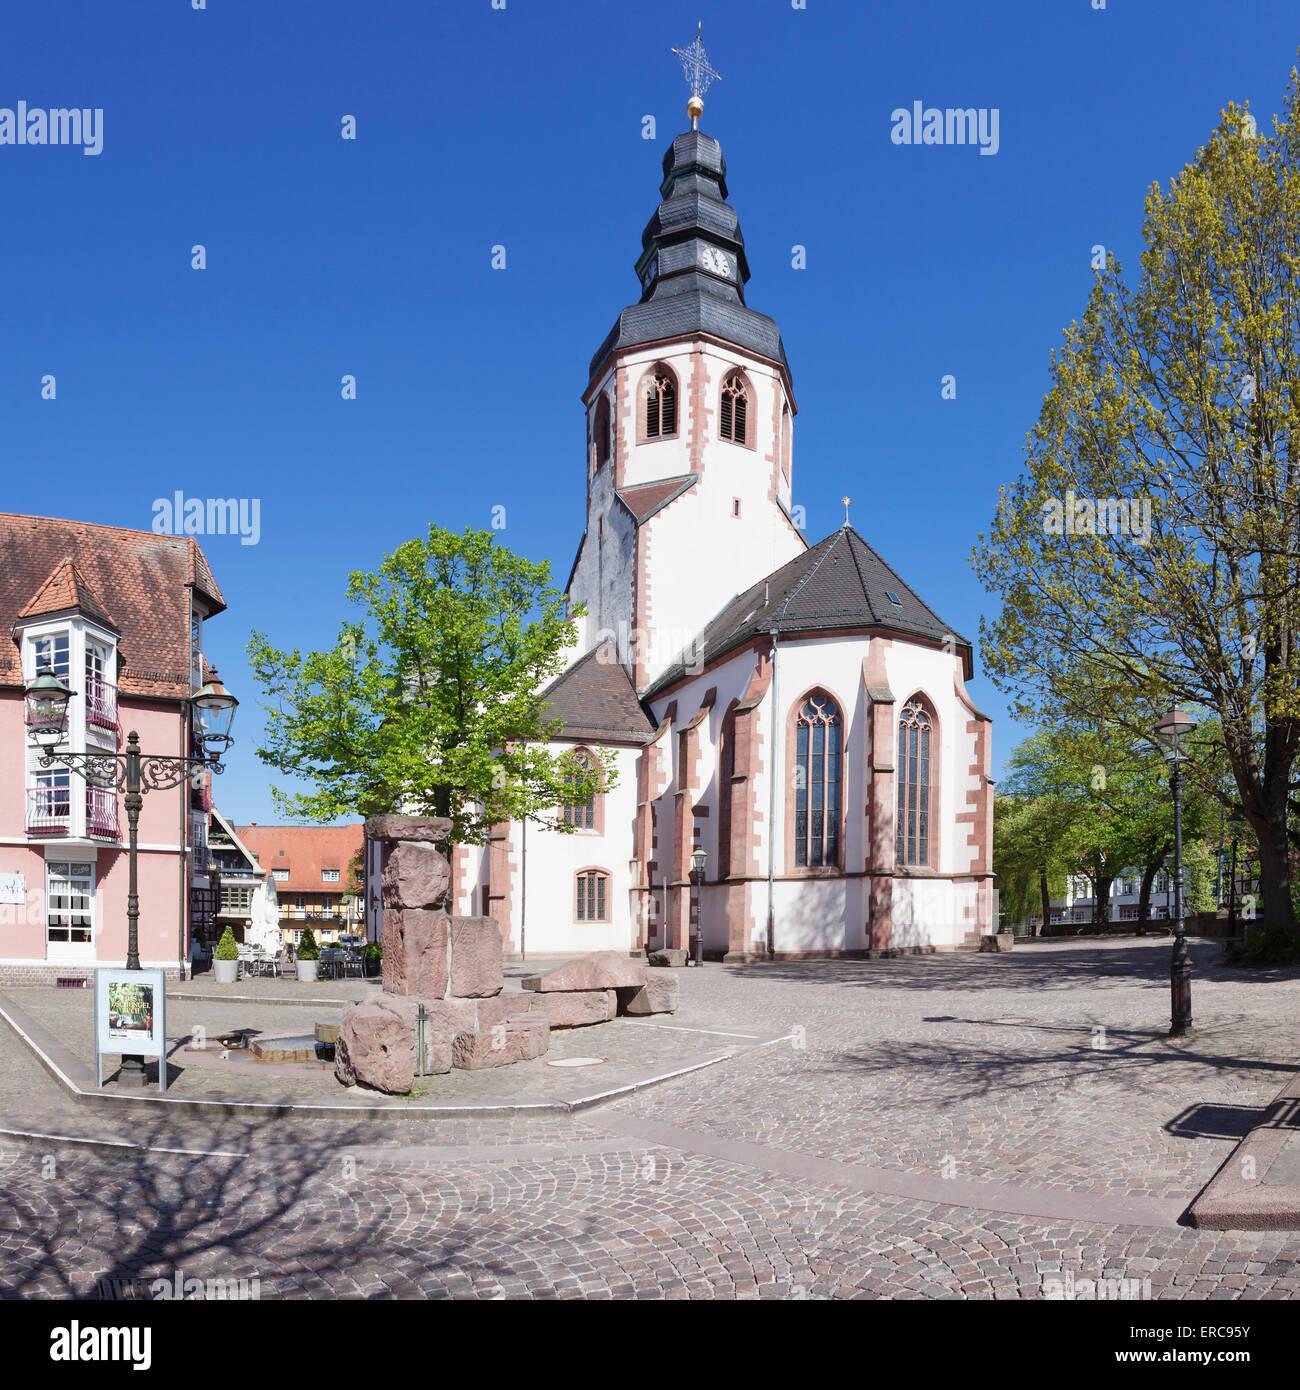 St. Martin's Church on Kirchplatz square, Ettlingen, Baden-Württemberg, Germany - Stock Image